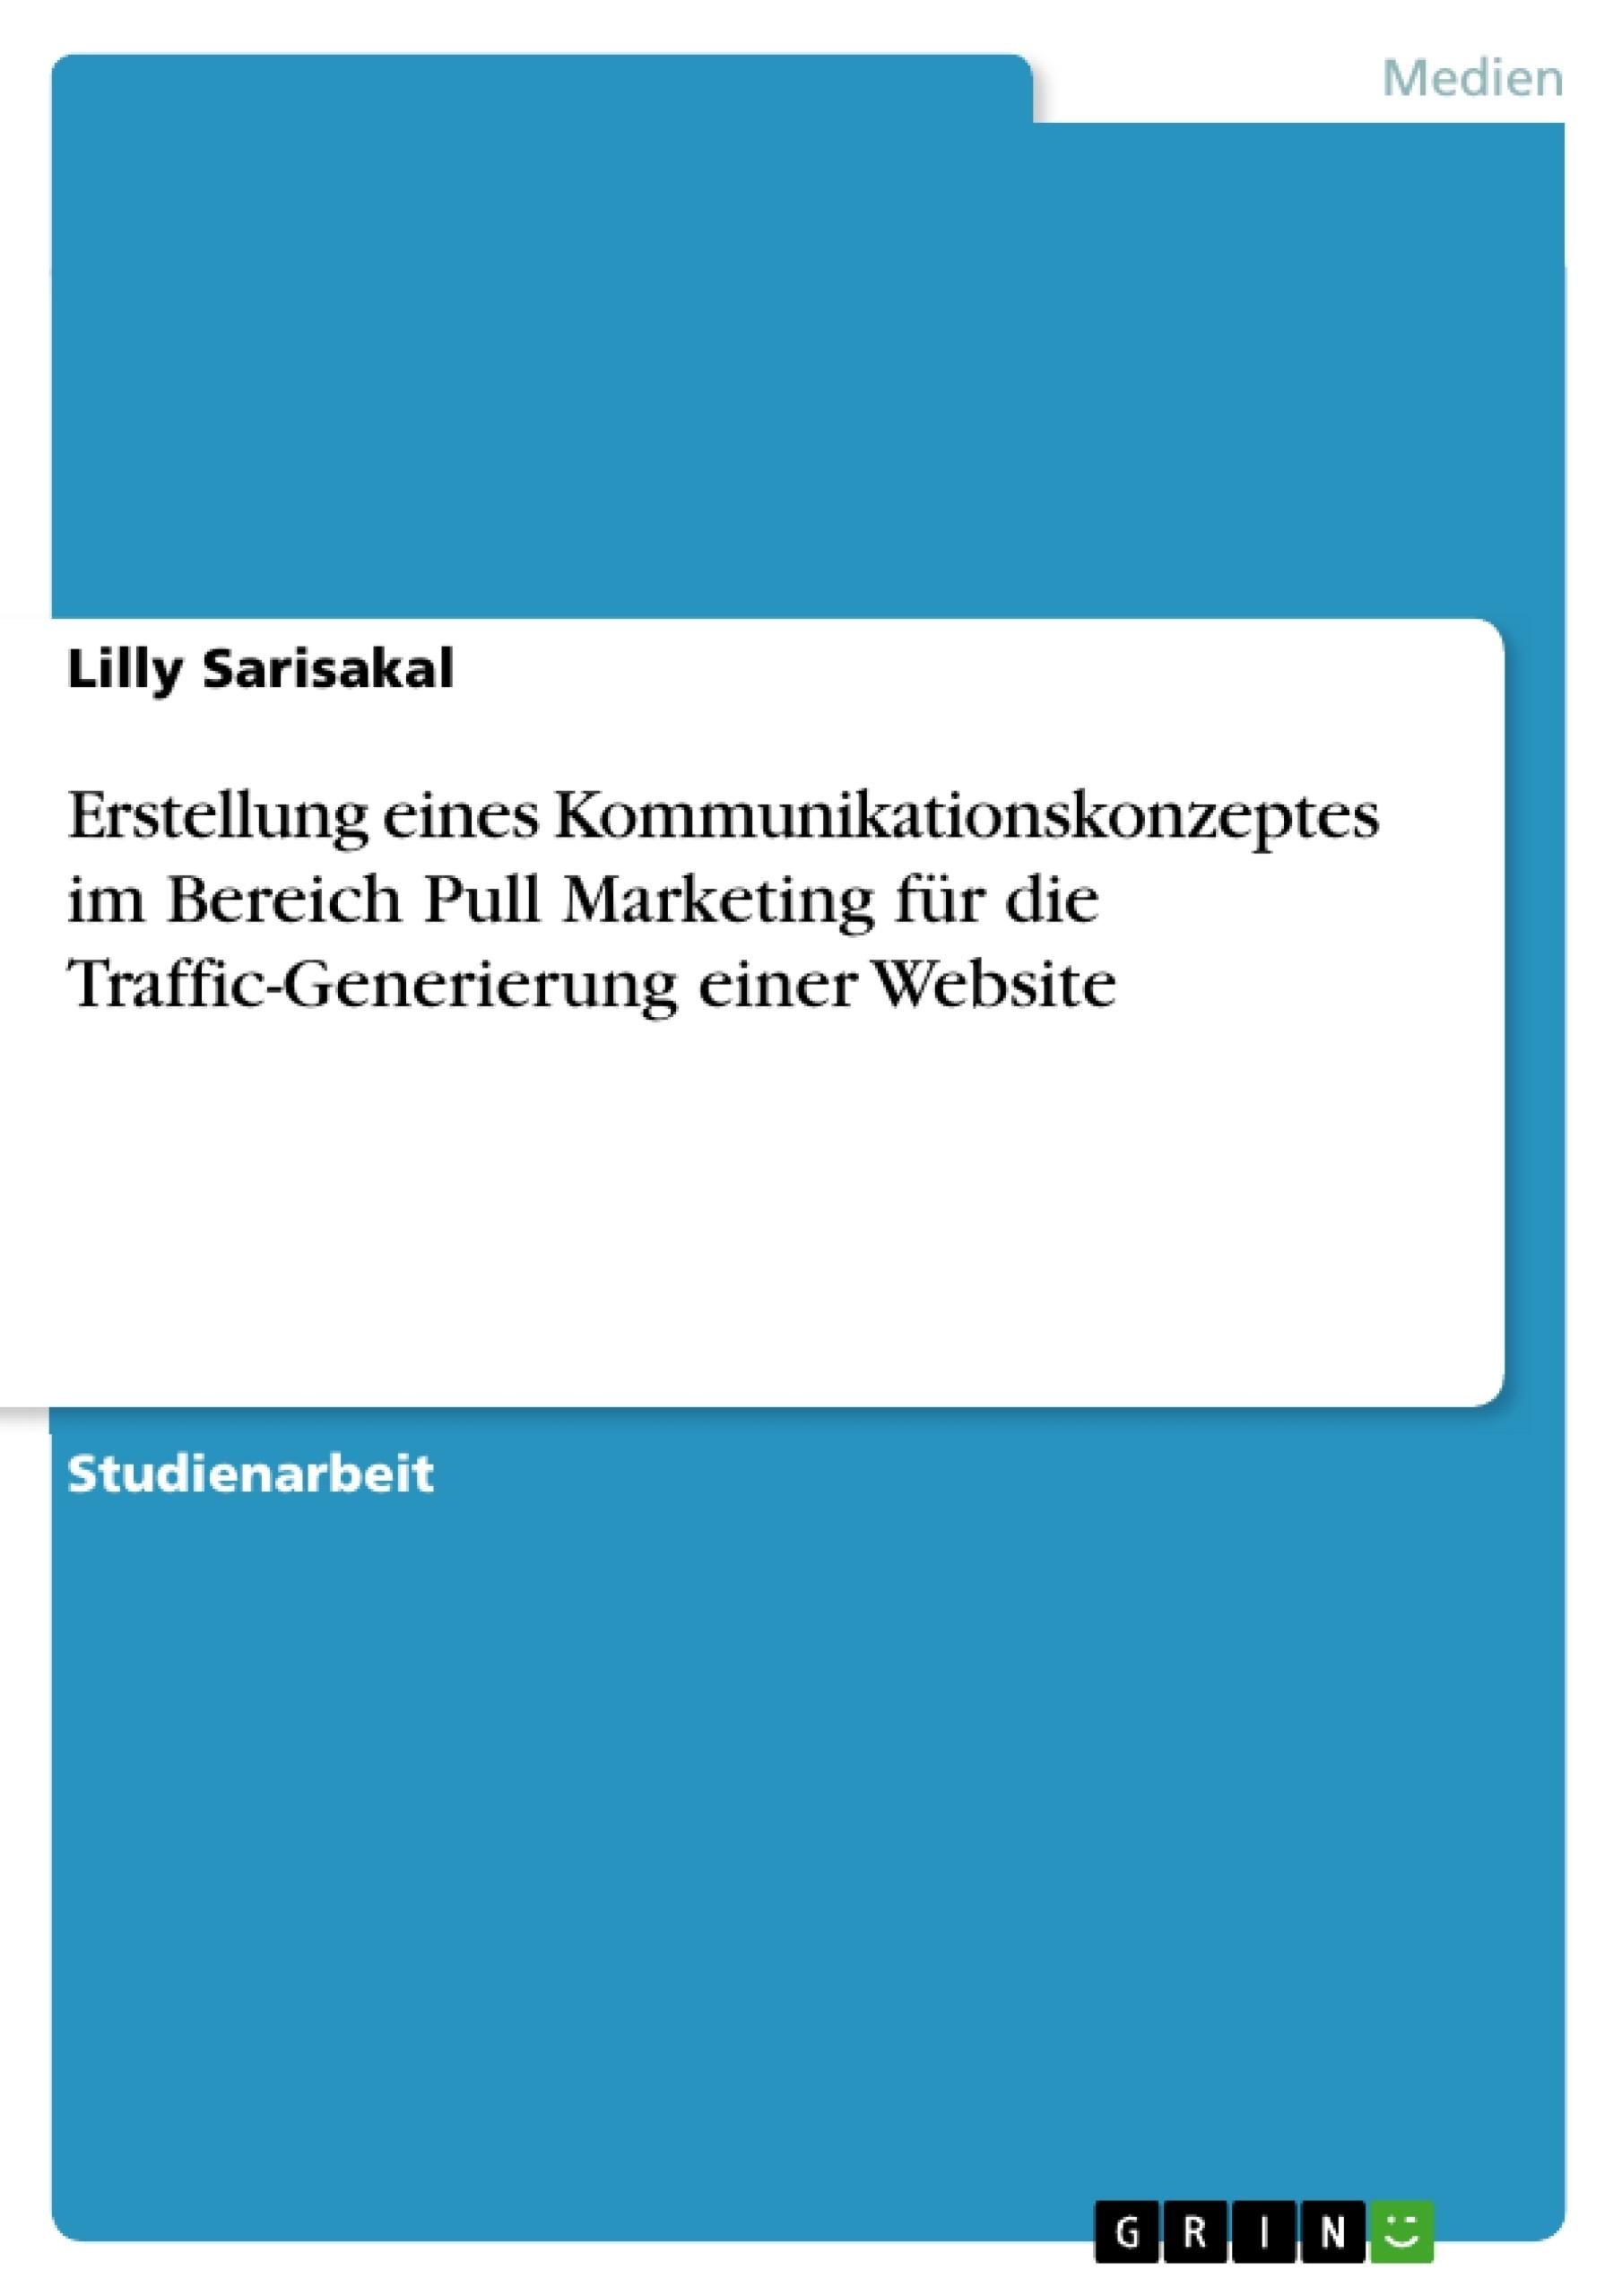 Titel: Erstellung eines Kommunikationskonzeptes im Bereich Pull Marketing für die Traffic-Generierung einer Website